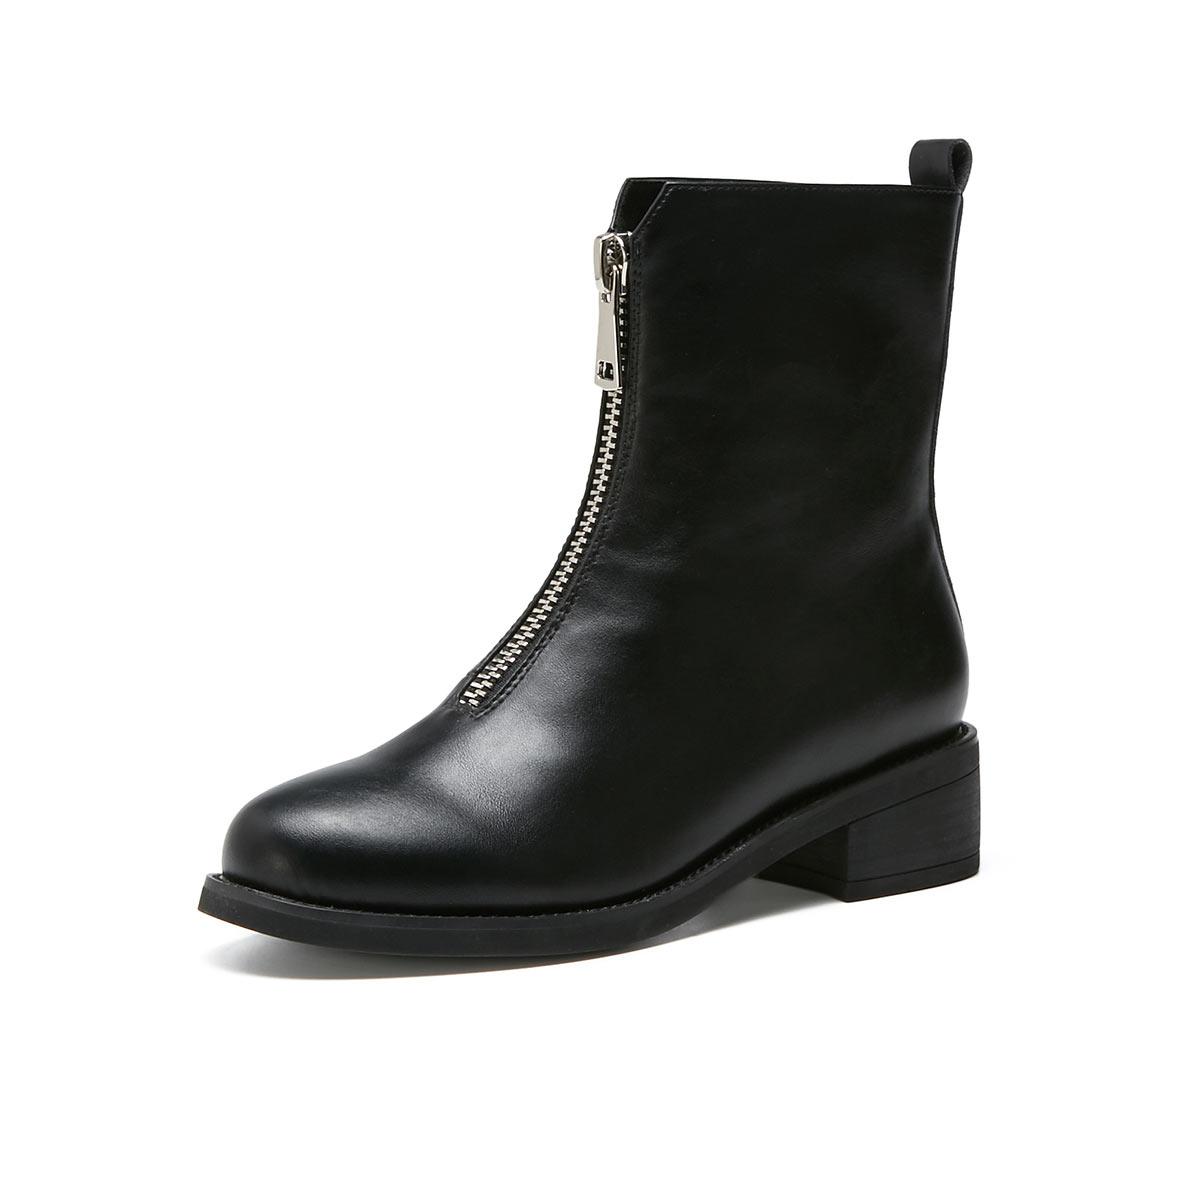 秋冬季新款女鞋子高帮时尚英伦风短靴新款时装靴短筒靴子